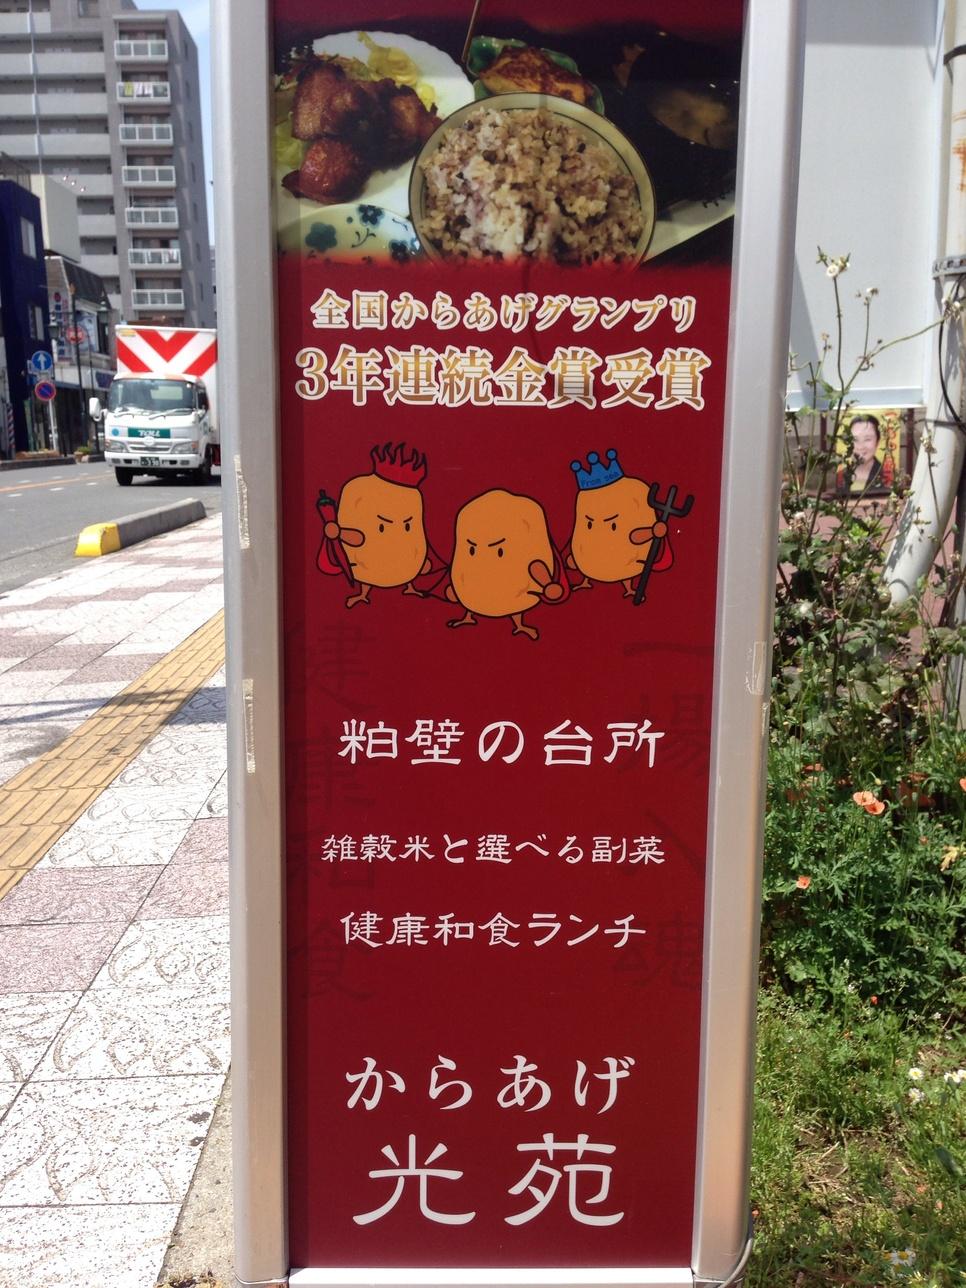 唐揚げ専門店 光苑